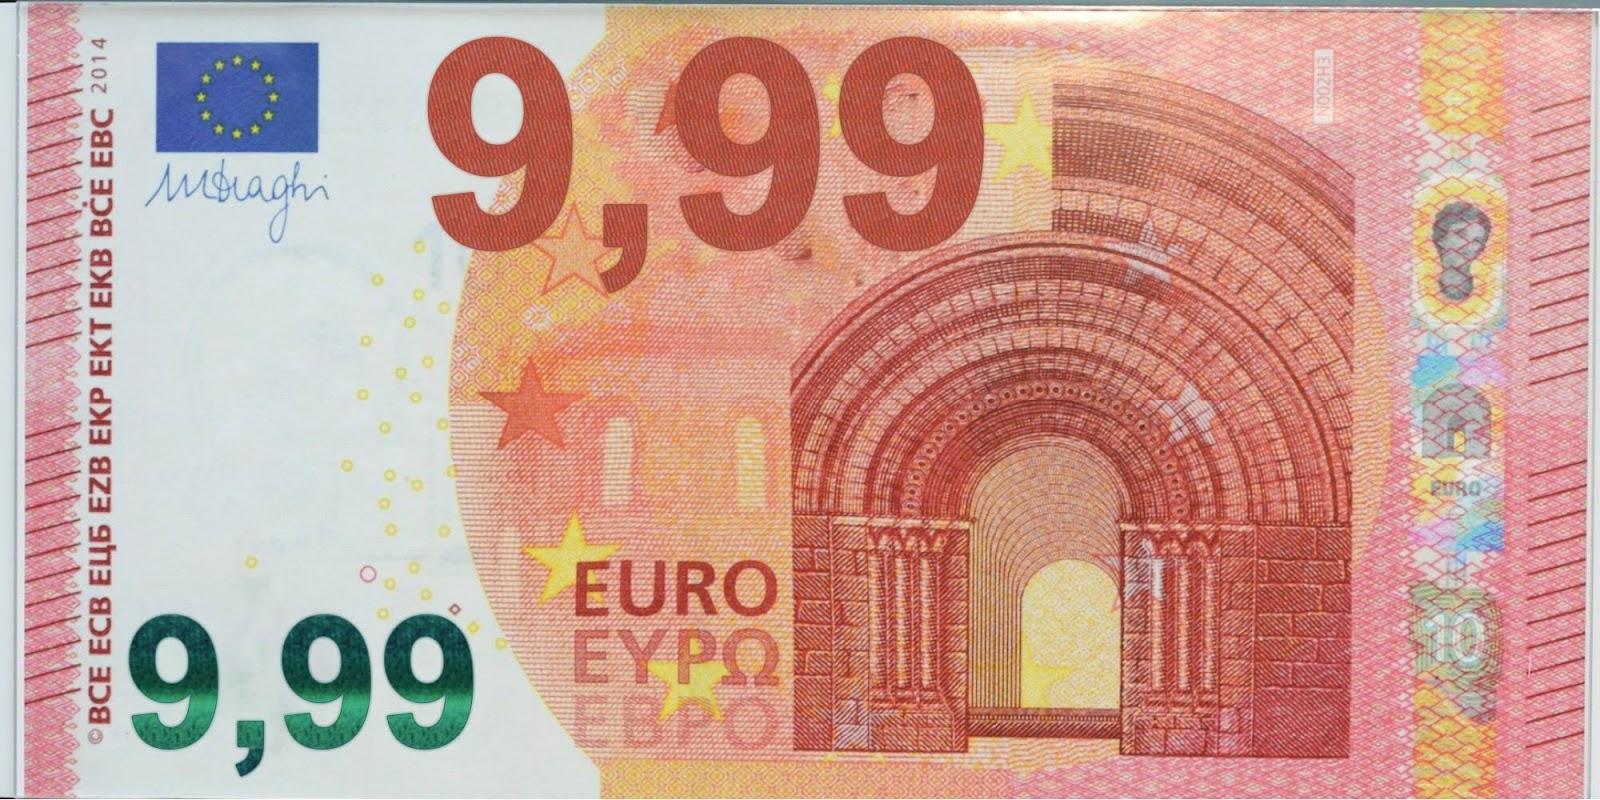 Der Postillon Anpassung An Ladenpreise Ezb Wertet Euro Münzen Und